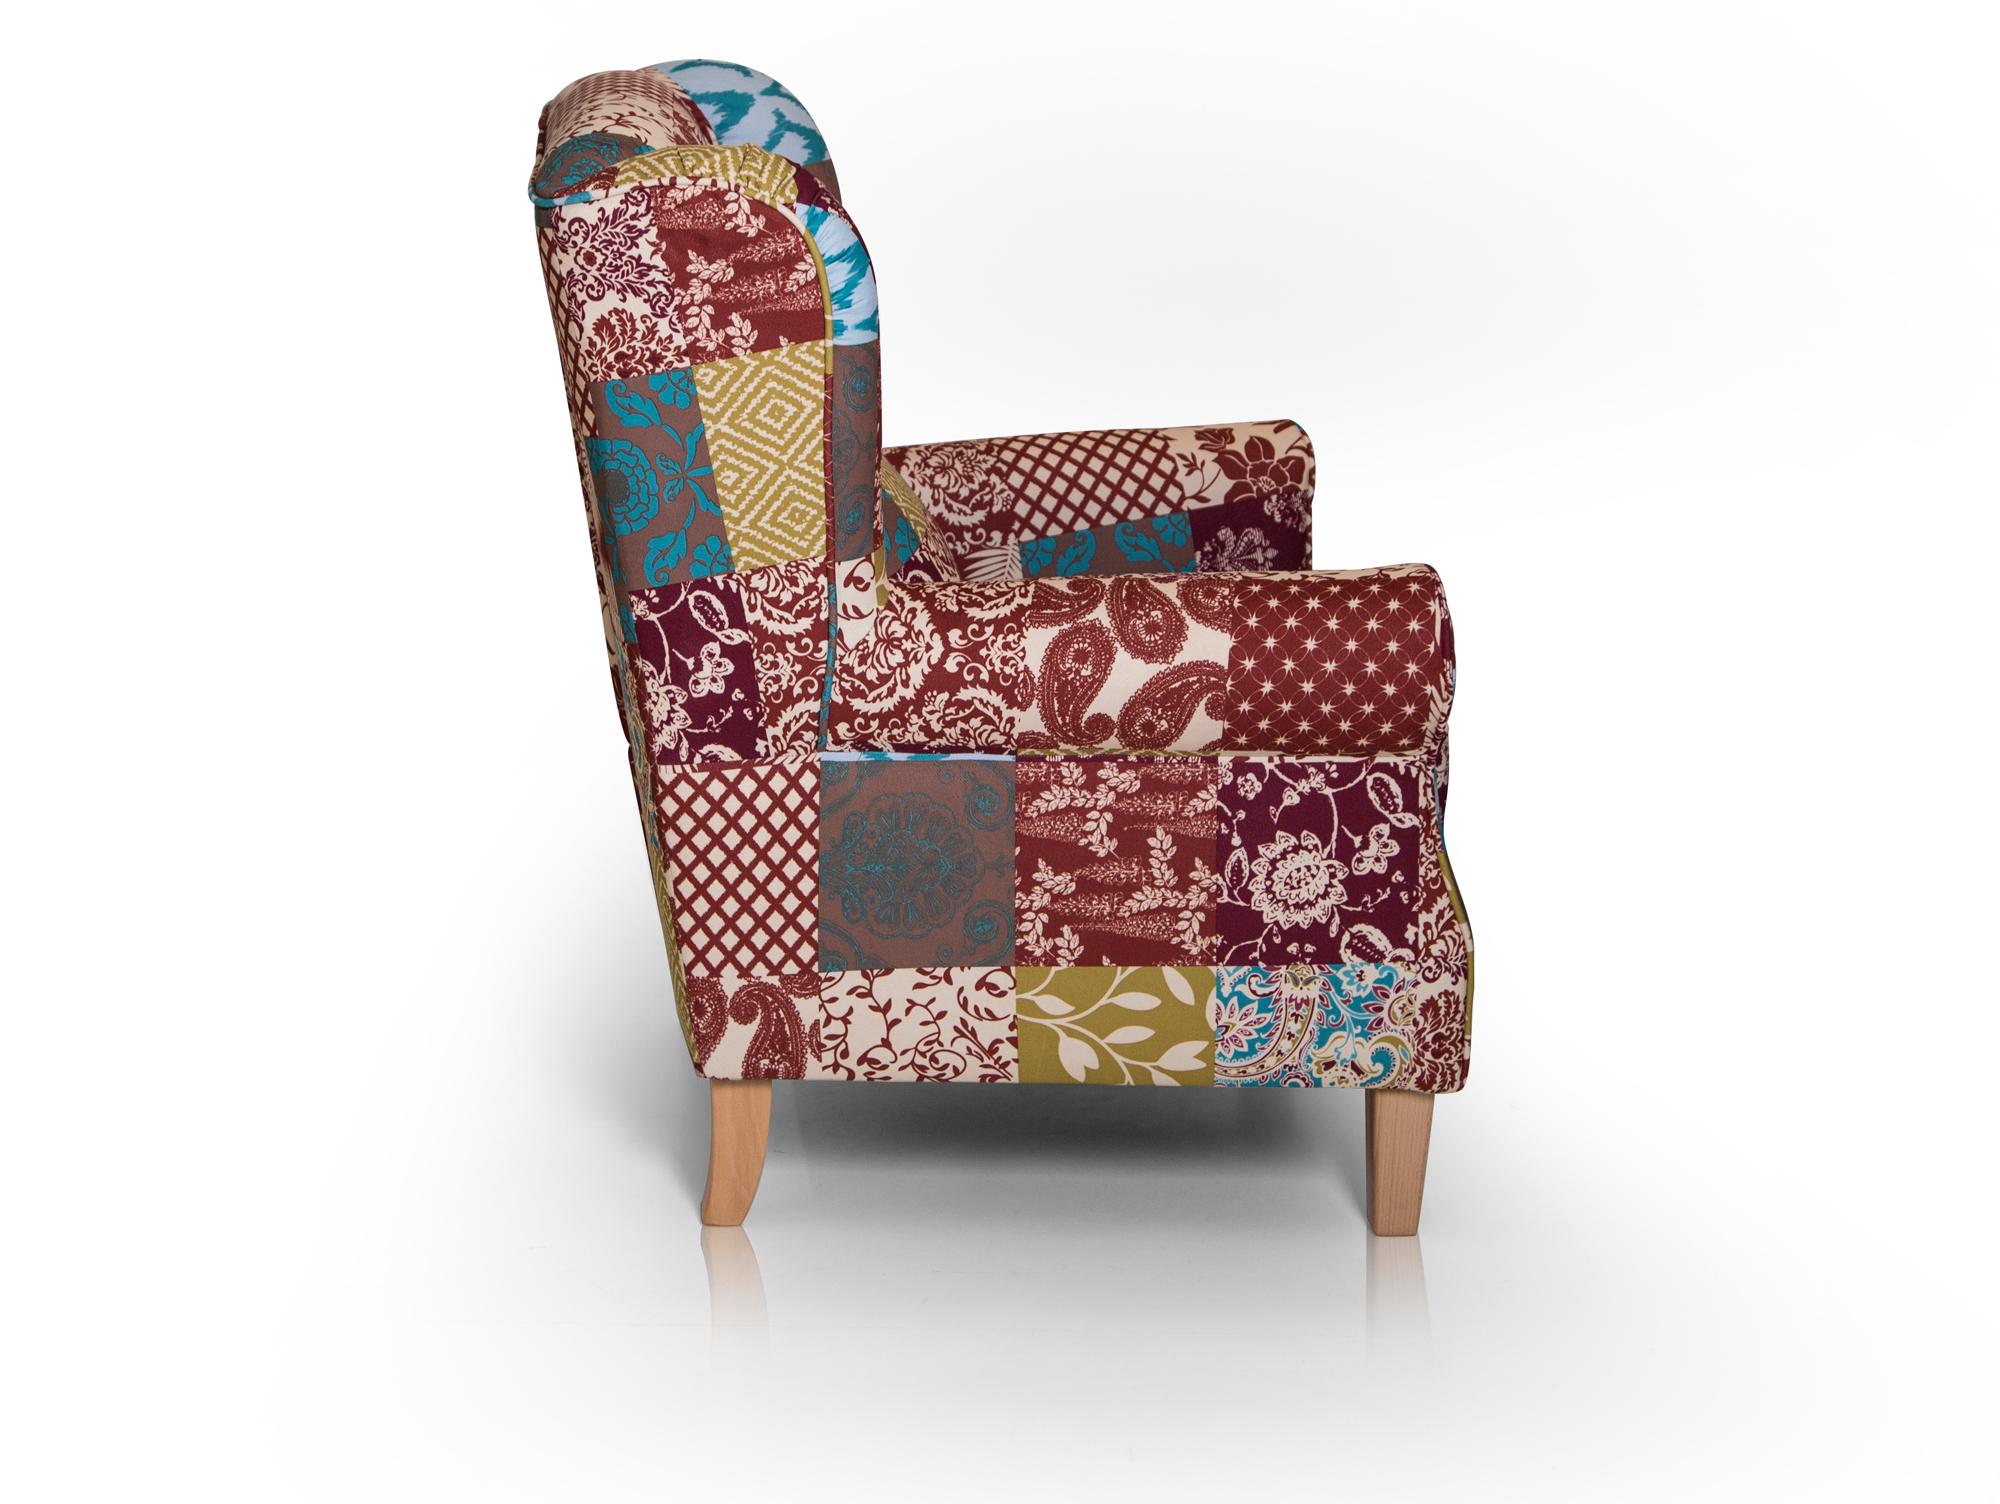 ohrensessel modern bunt sammlung von haus design und. Black Bedroom Furniture Sets. Home Design Ideas